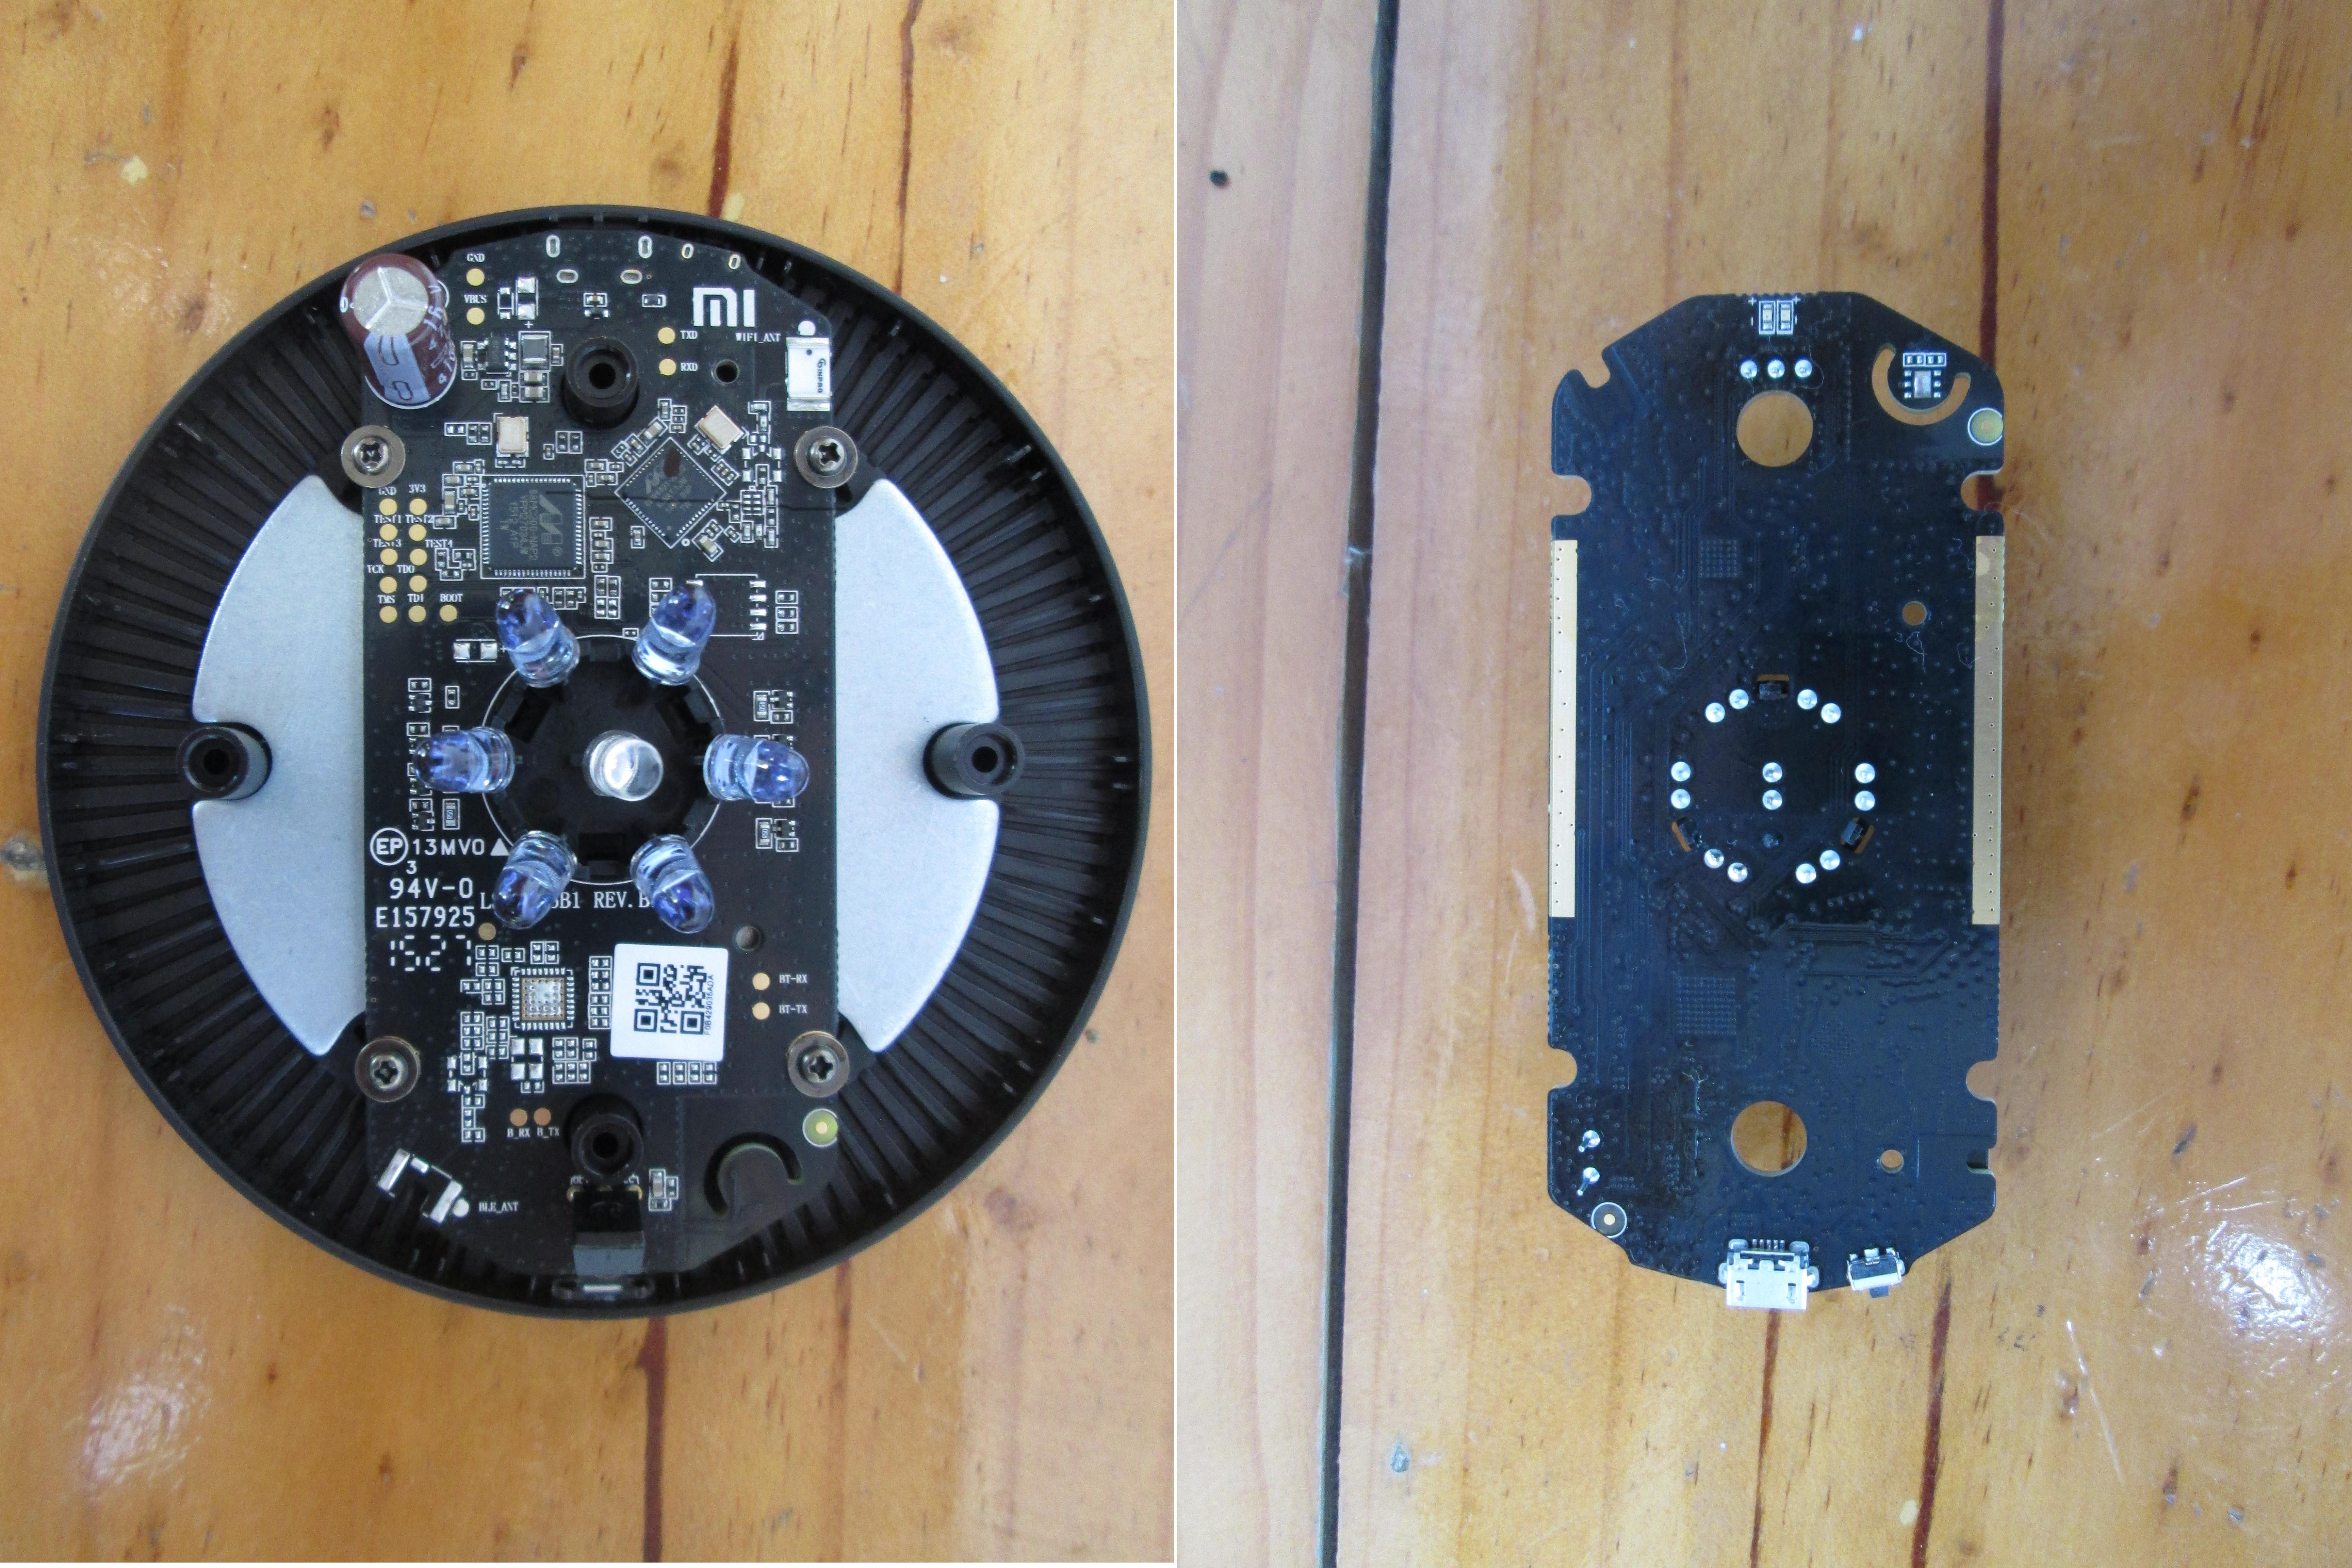 Xiaomi Mi Smart Remote Center Review